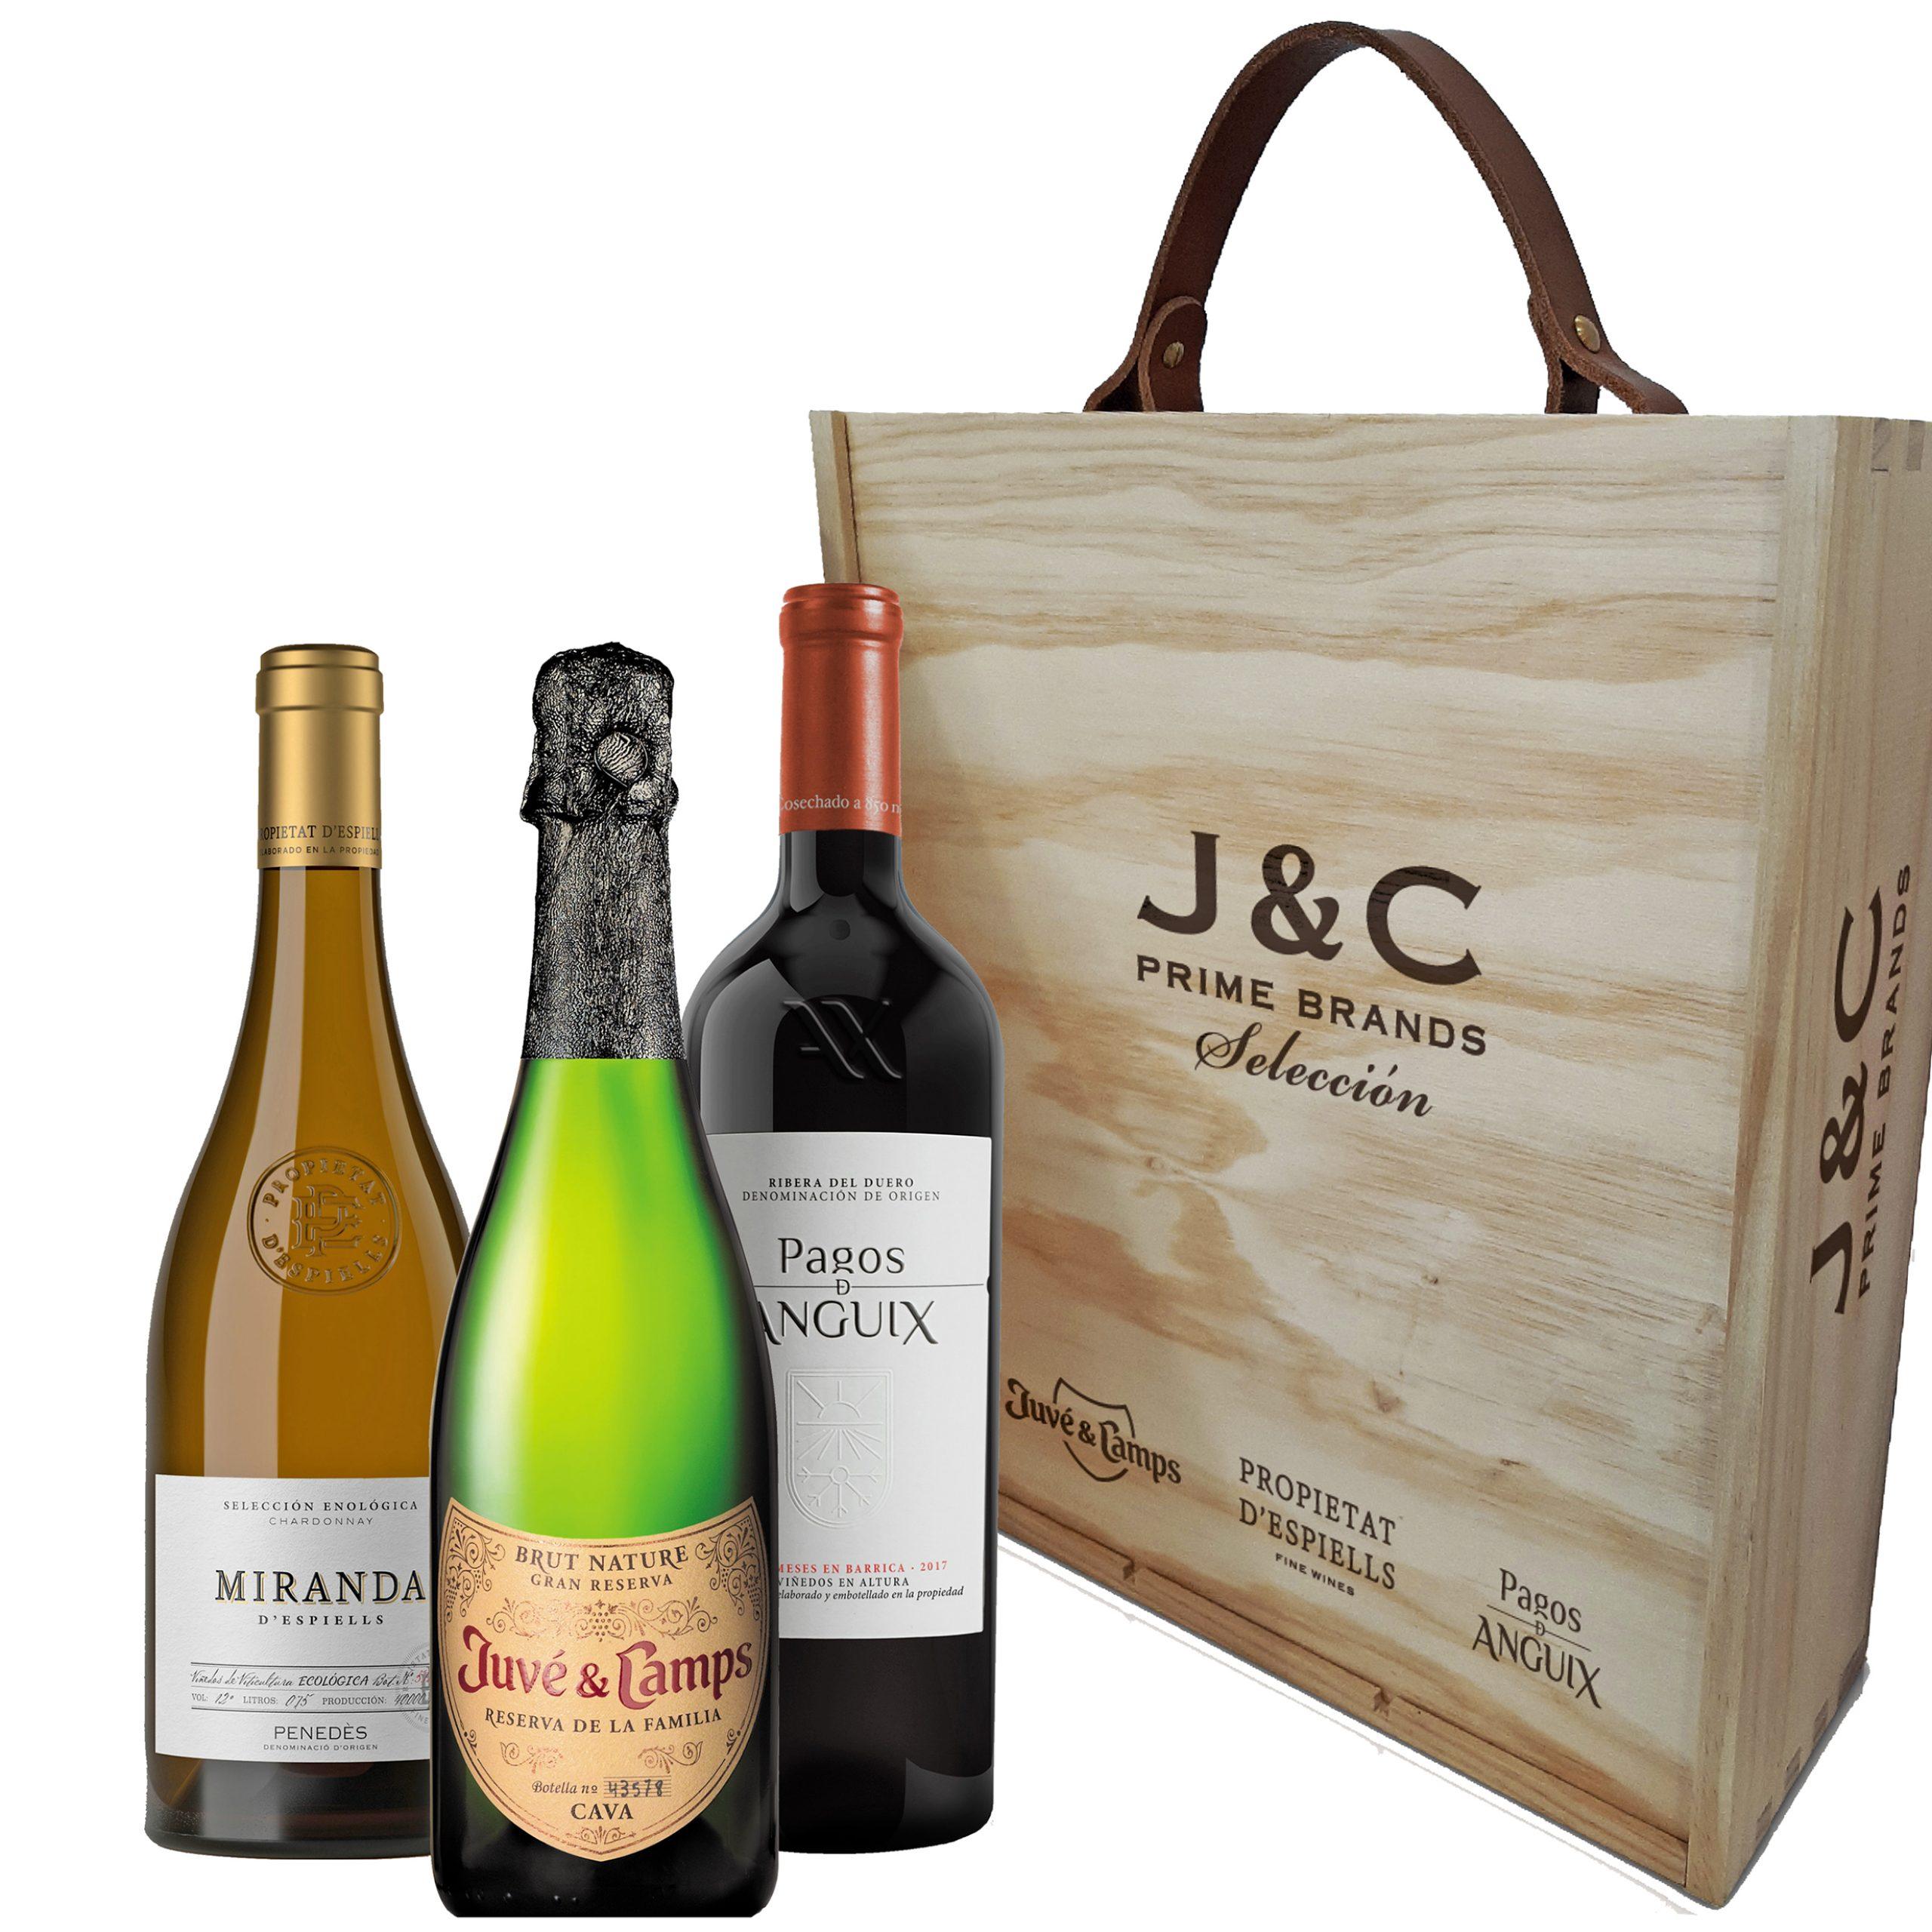 seleccion tres botellas juve y camps propietat despiells pagos de anguix